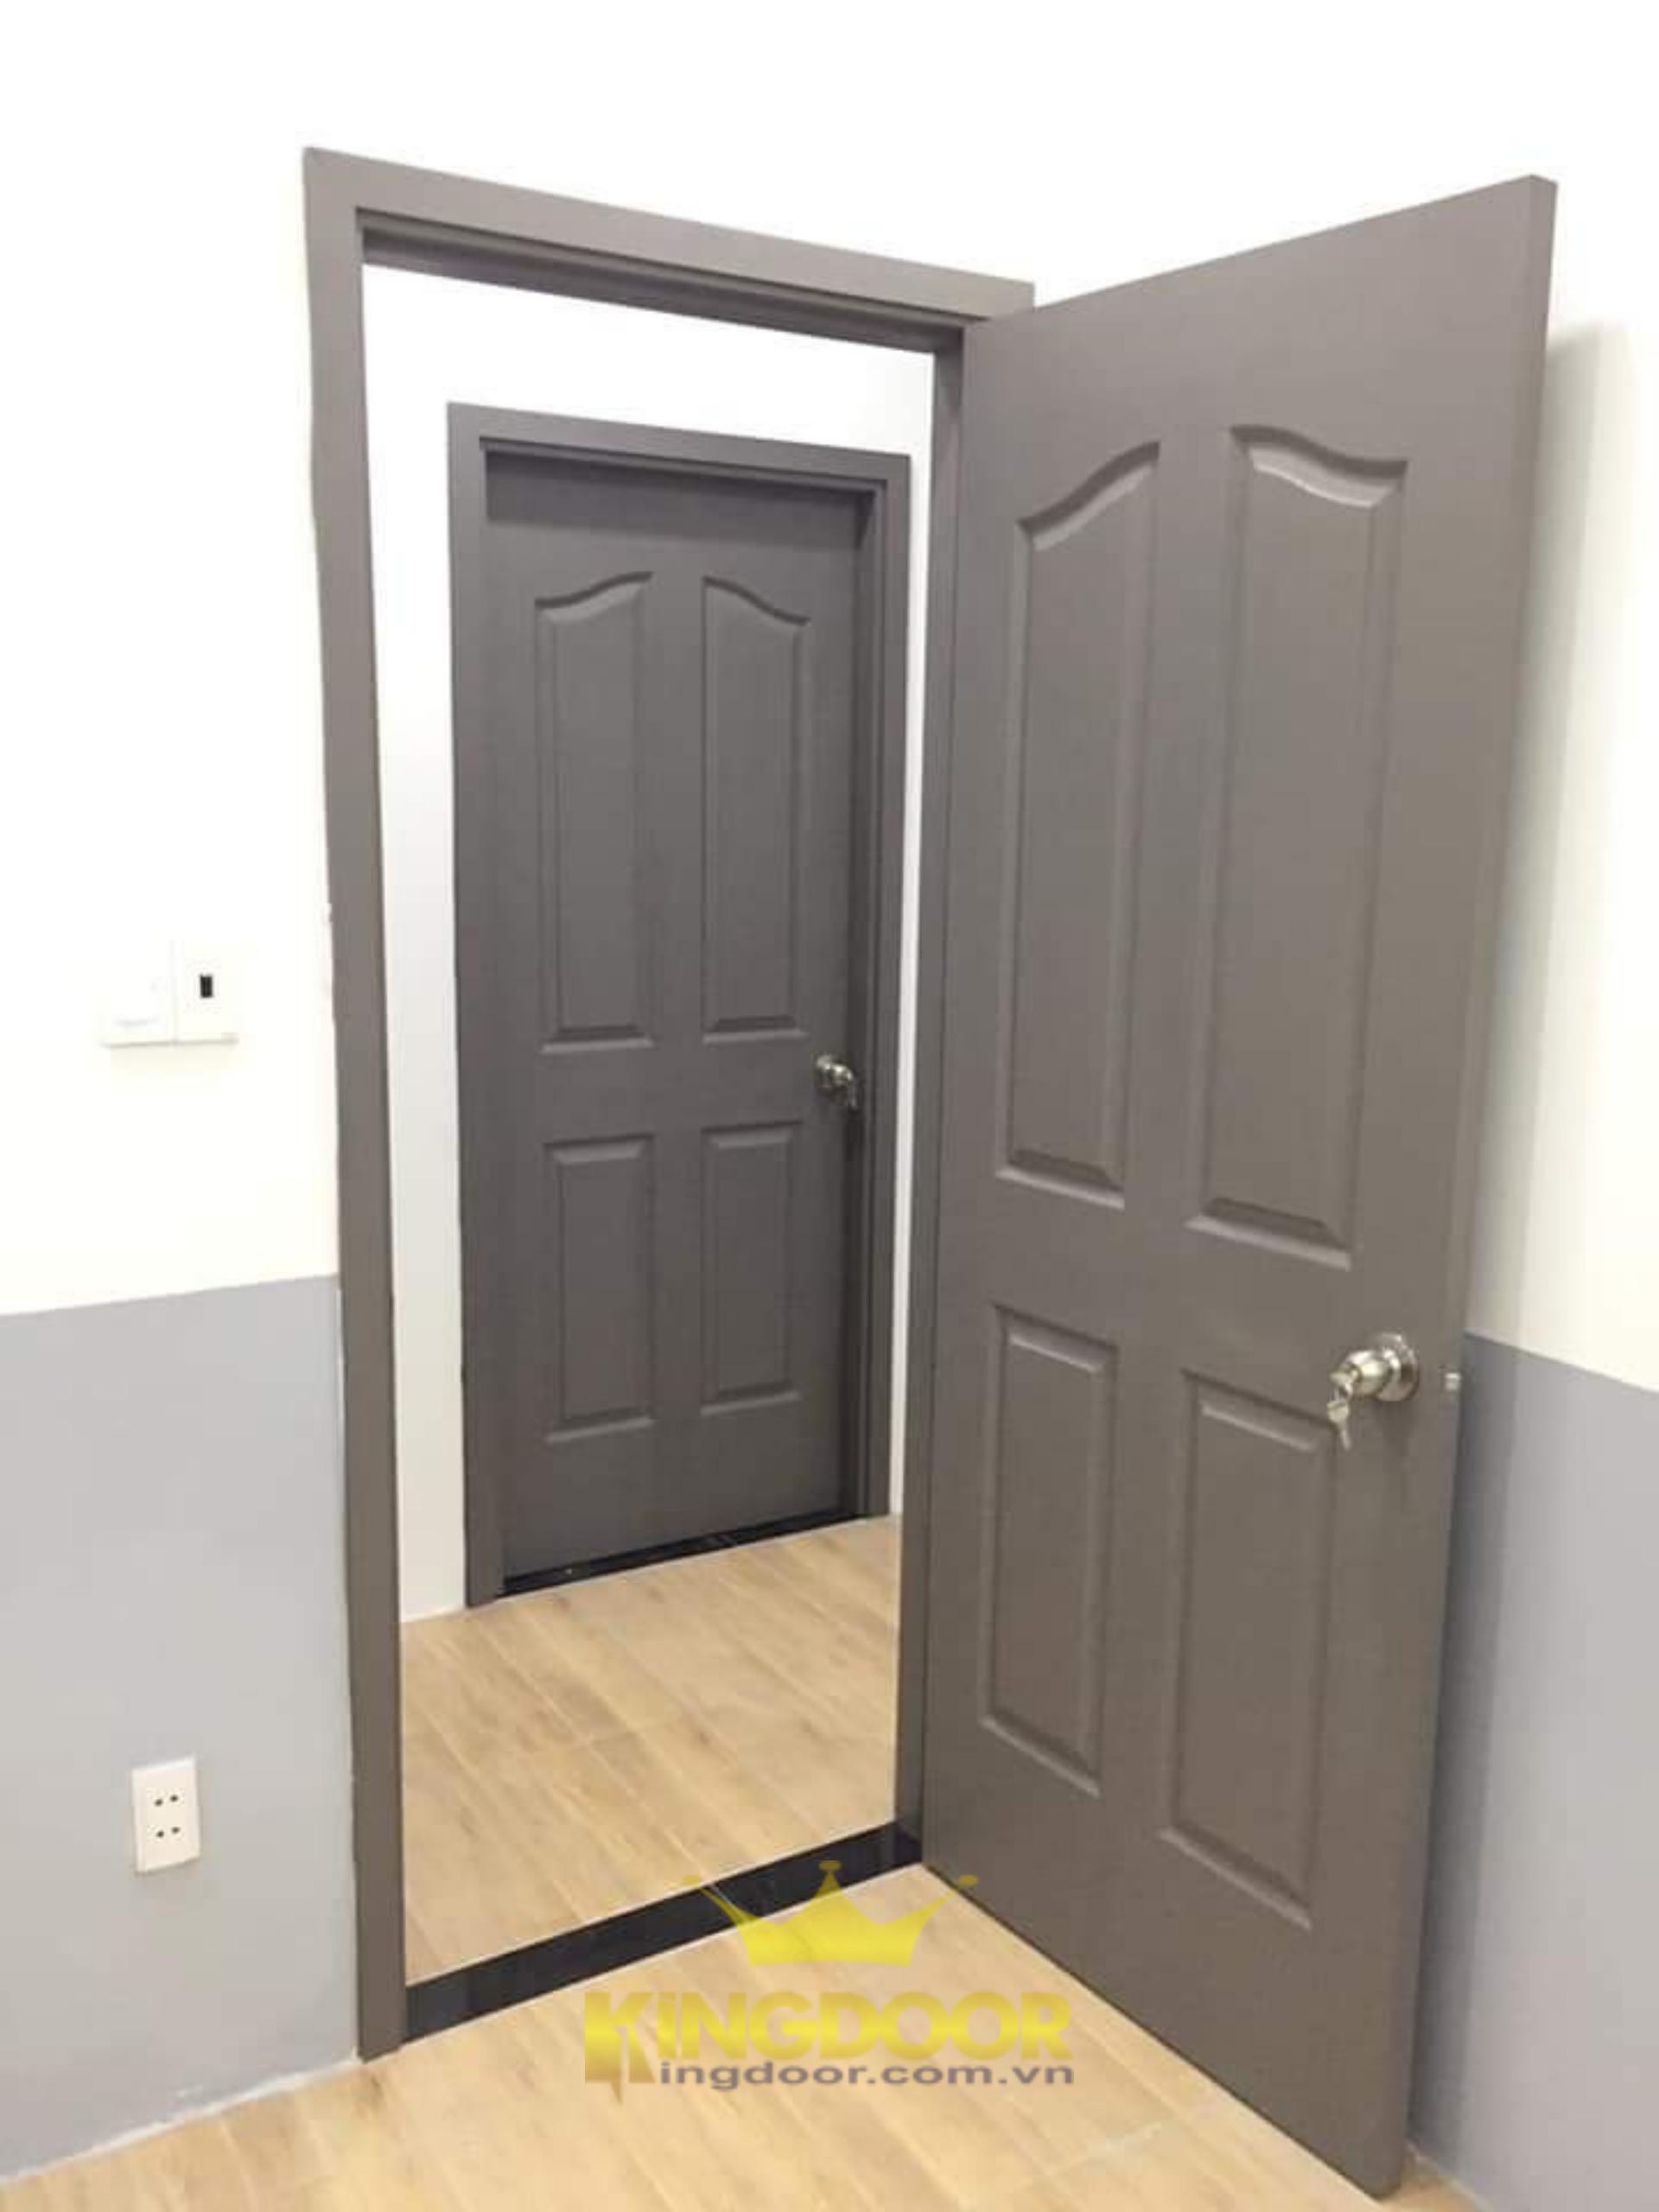 Mẫu cửa gỗ HDF sơn màu xám.